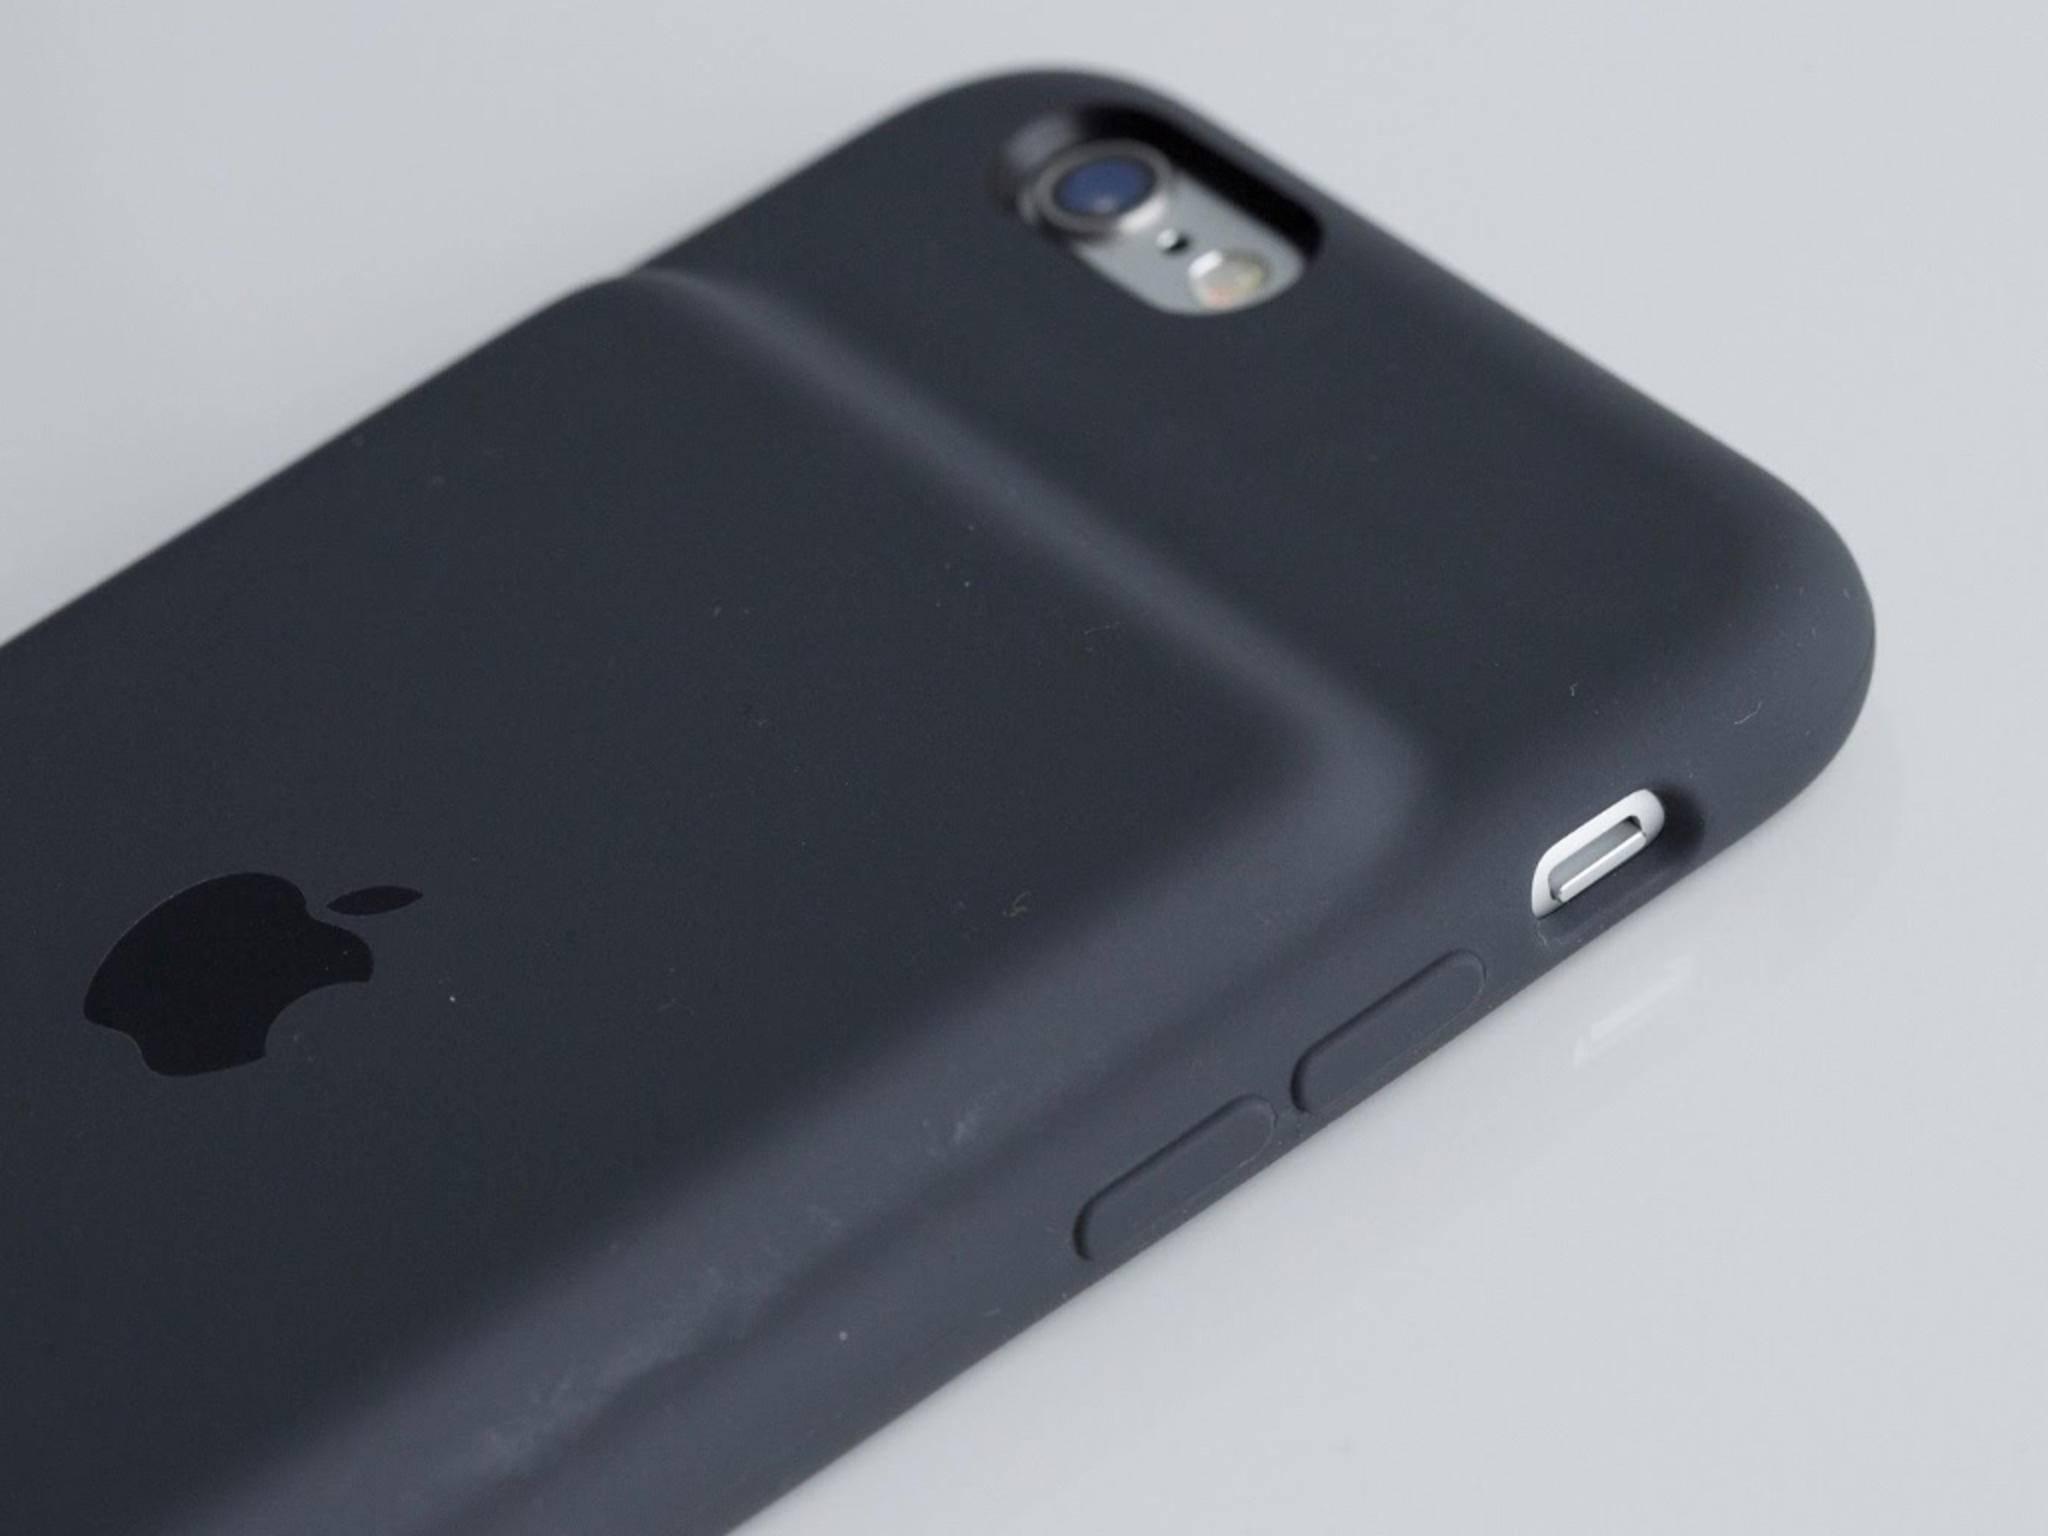 Das Smart Battery Case für das iPhone 6s musste sich viel Spott gefallen lassen.